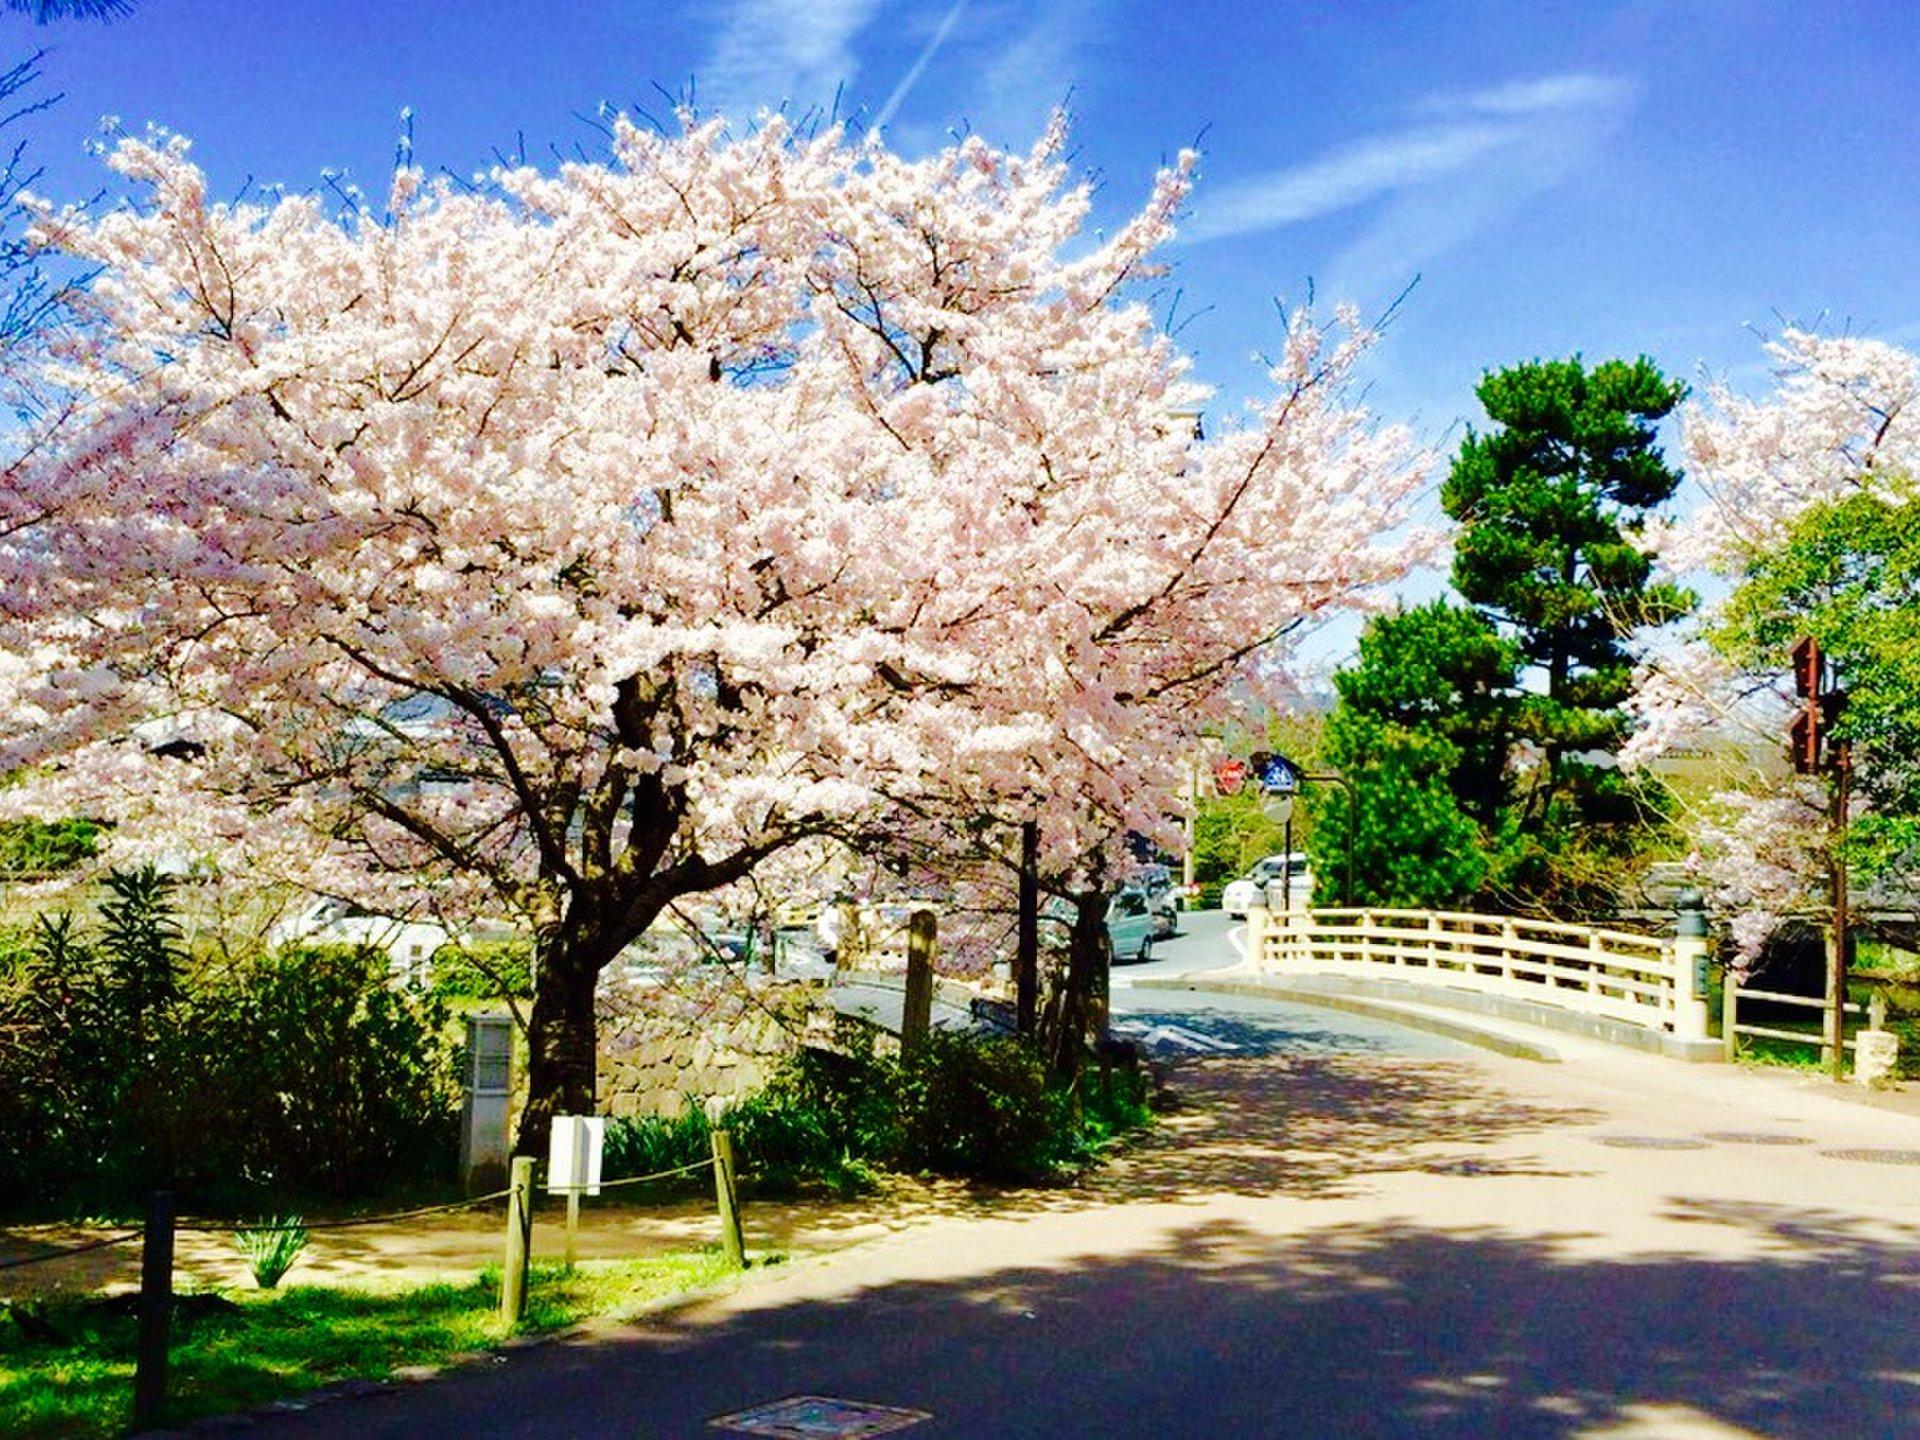 【島根県で楽しむ花見】現存天守閣松江城の桜を楽しんだ後は宍道湖沿いの大はかやのうなぎ!